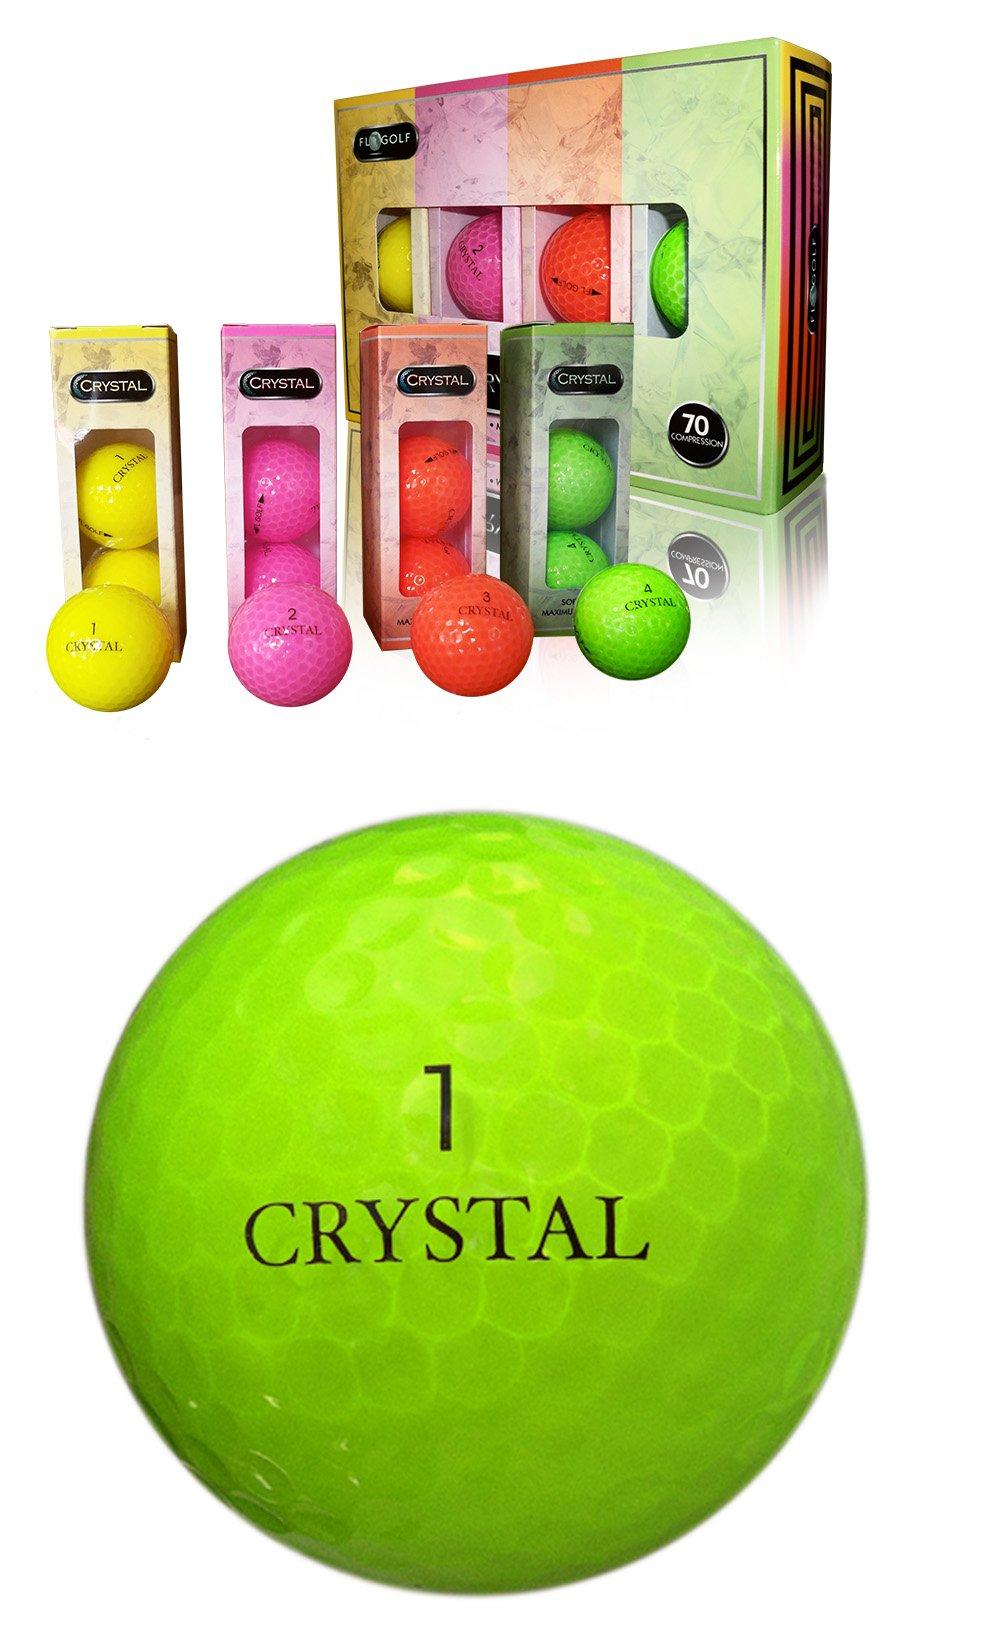 Crystal Golf BallsRainbow 1 Dozen by Crystal by Fl Golf, Inc